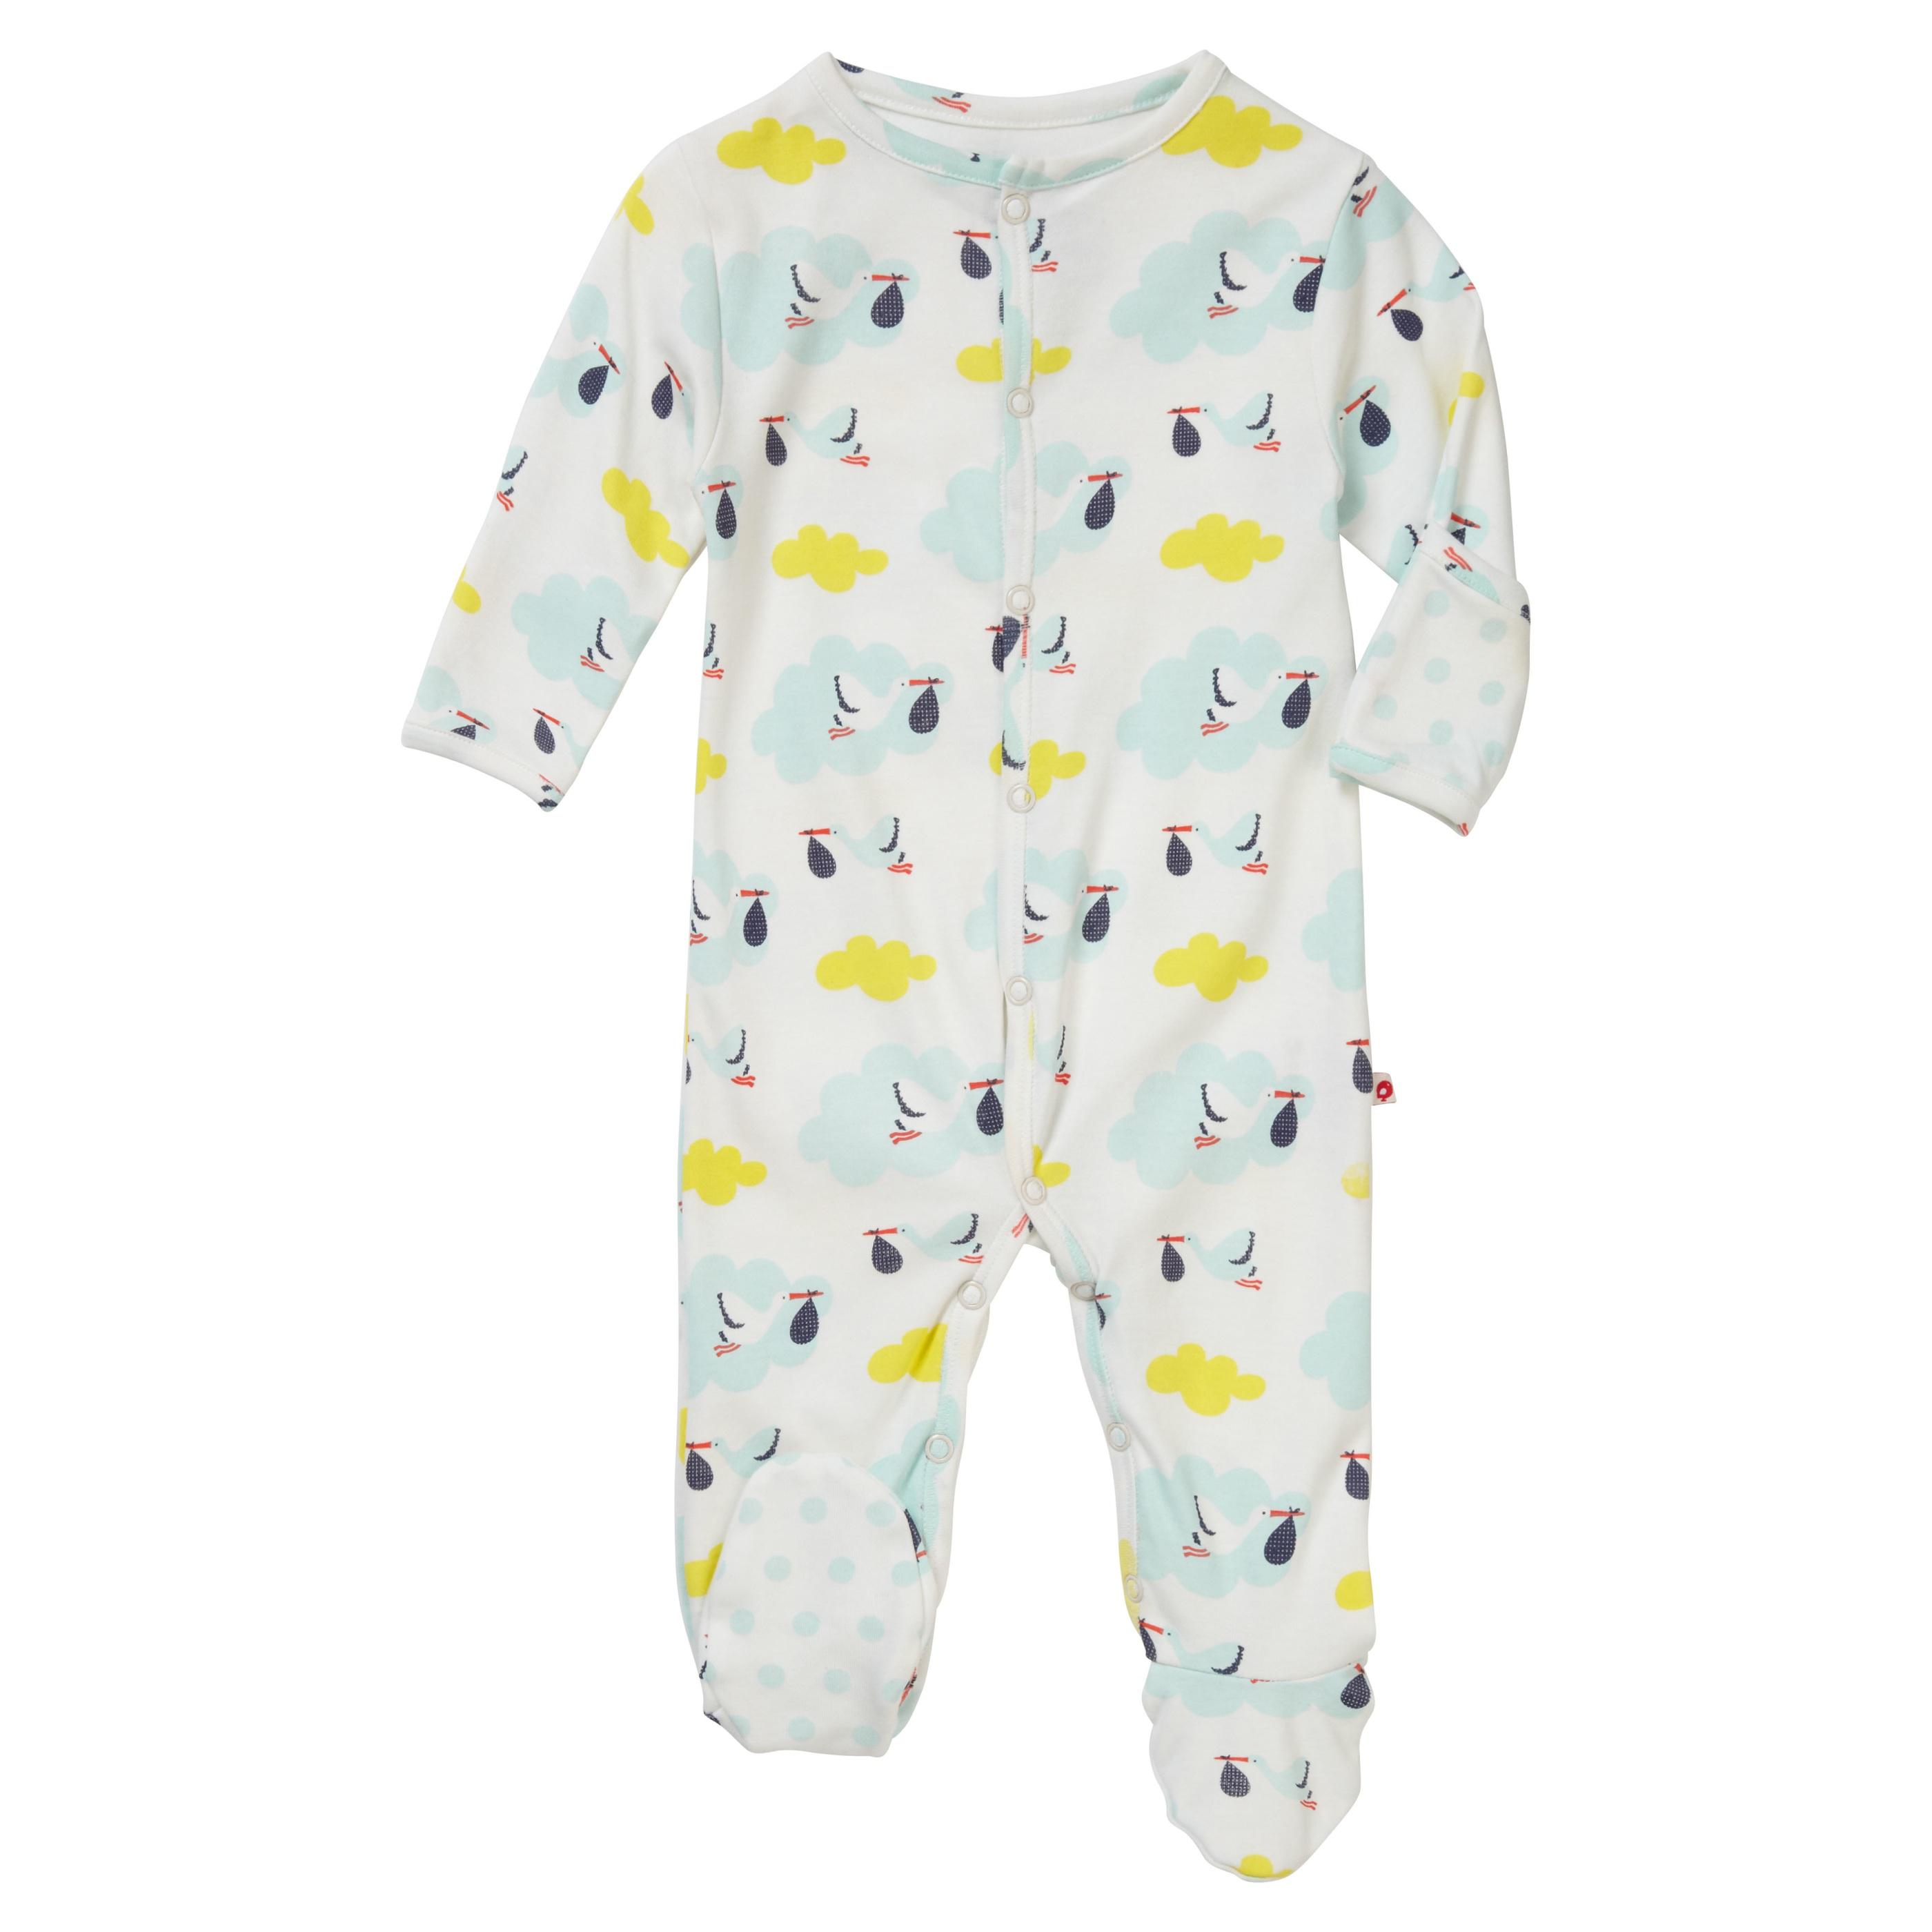 Pyjamas Stork Newborn